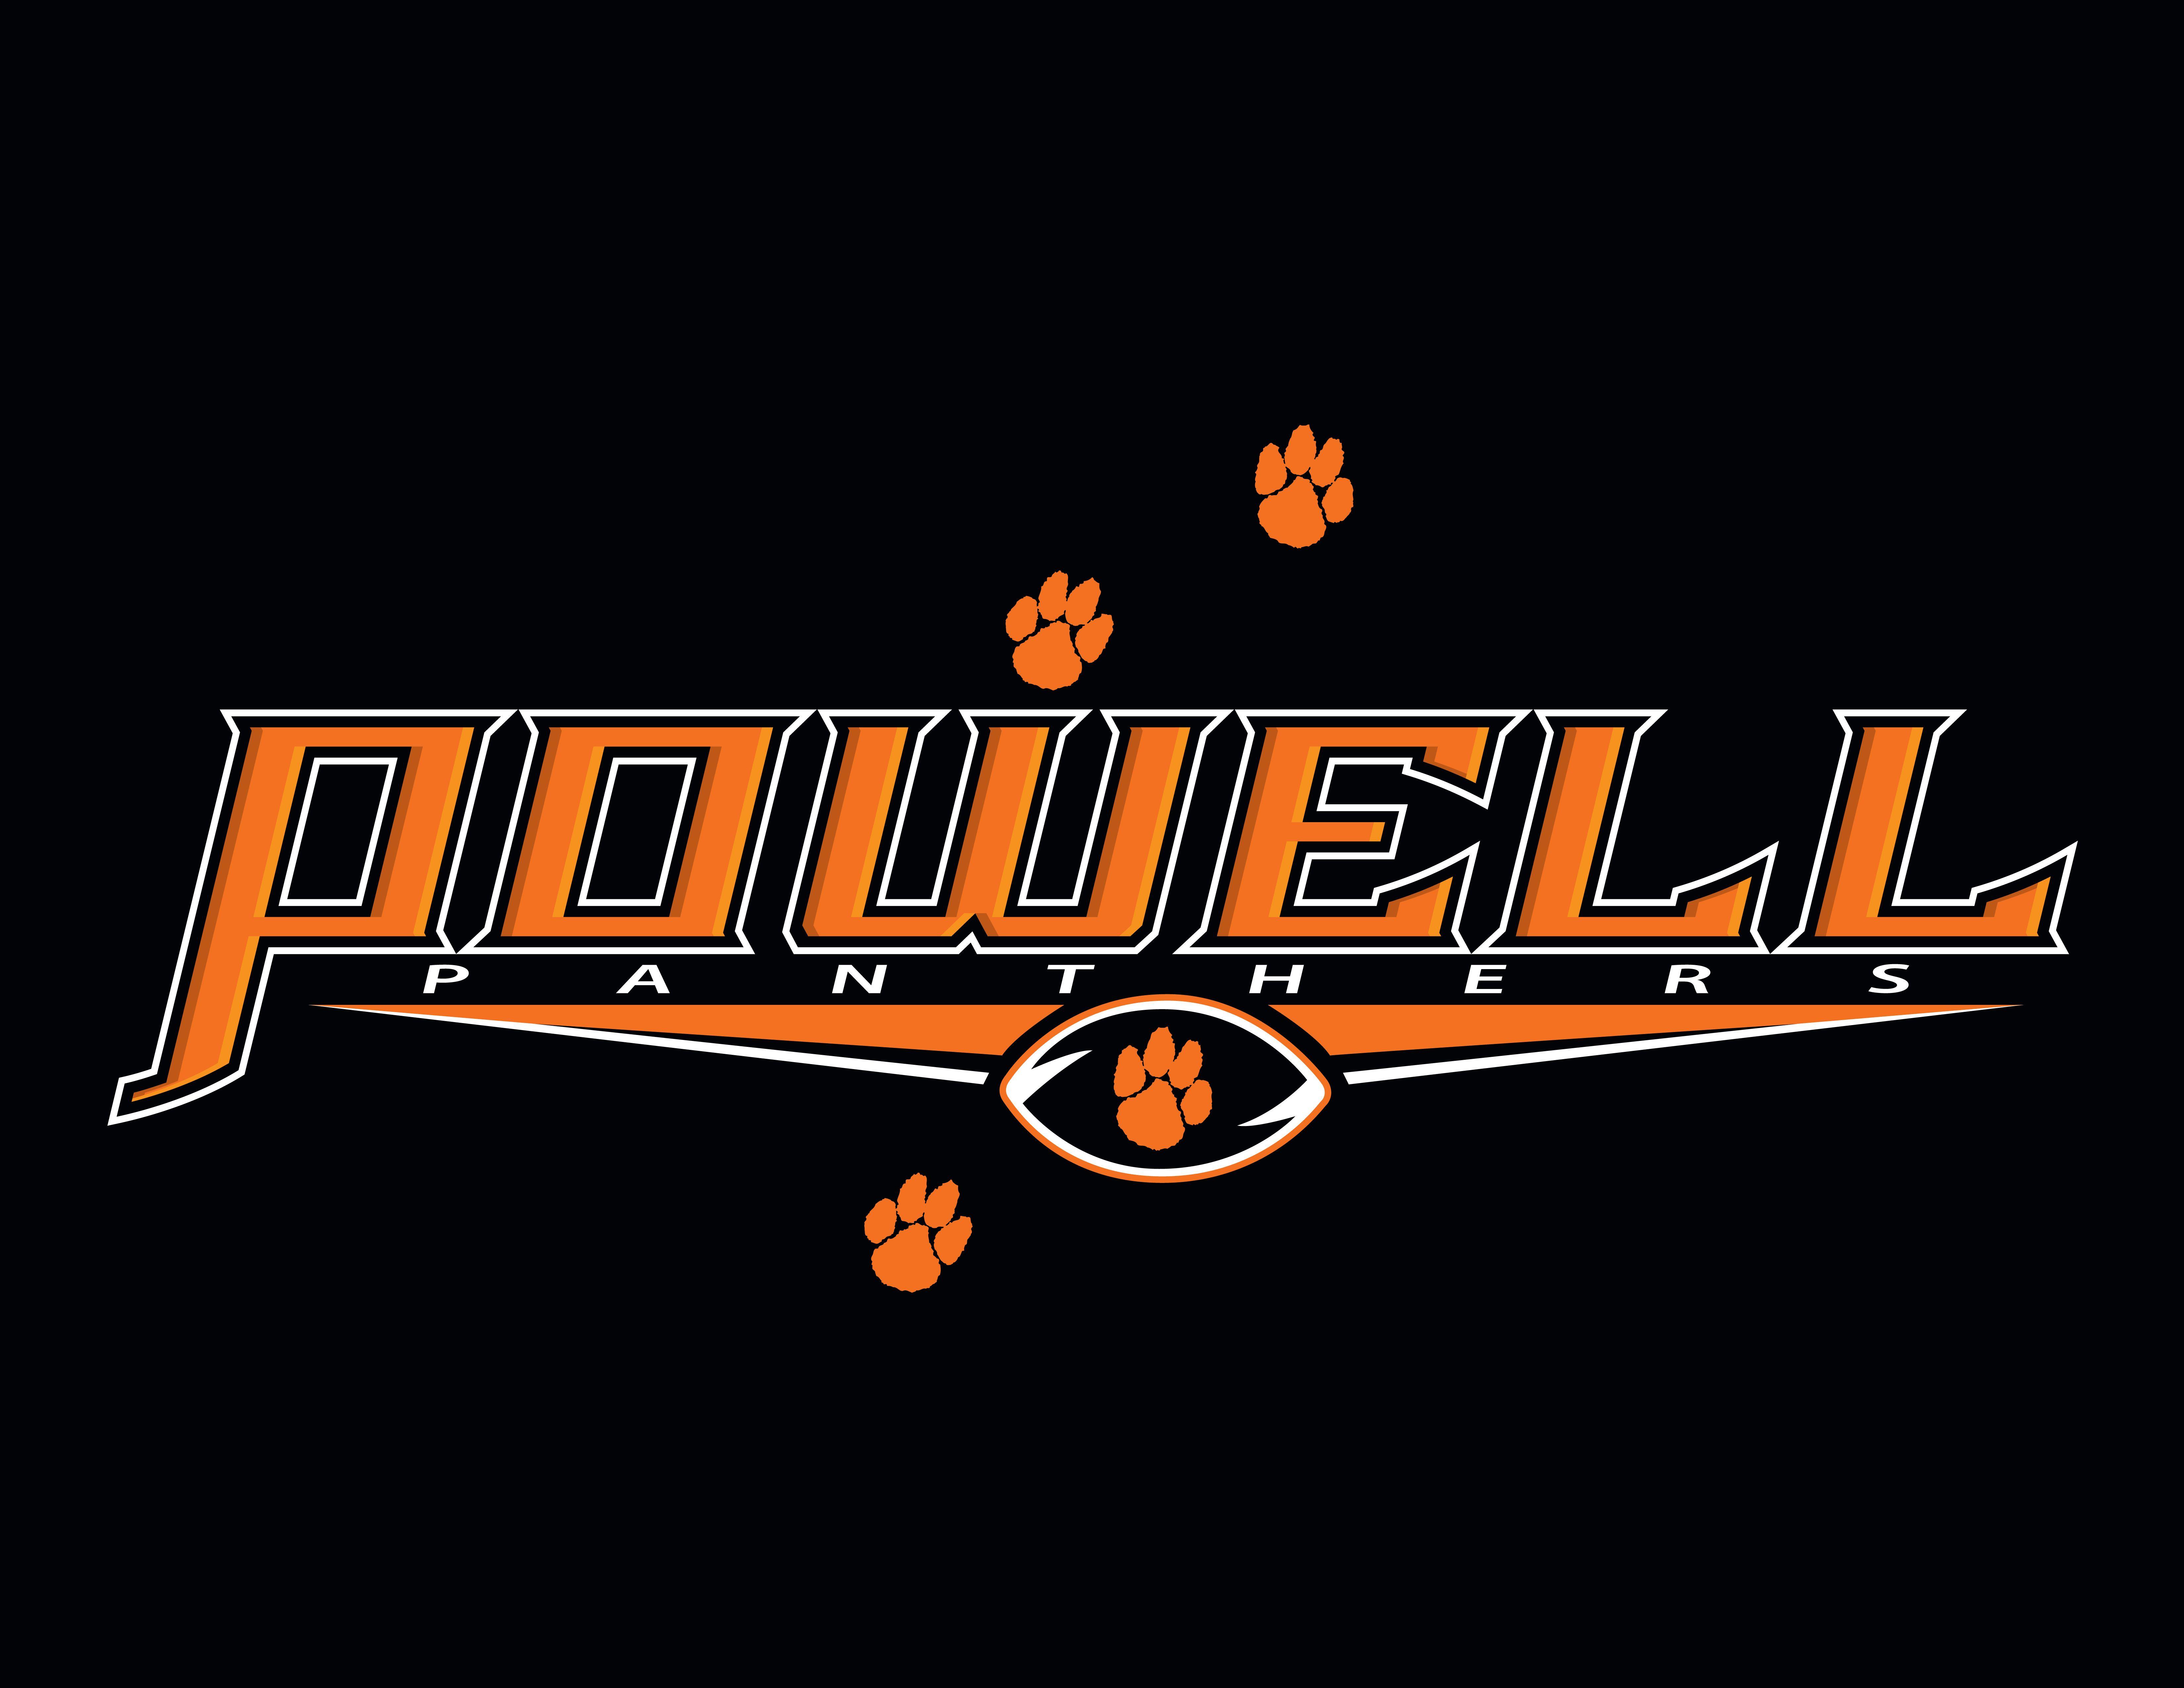 T shirt design jacksonville fl - Powell High School Football Tee Shirt Design